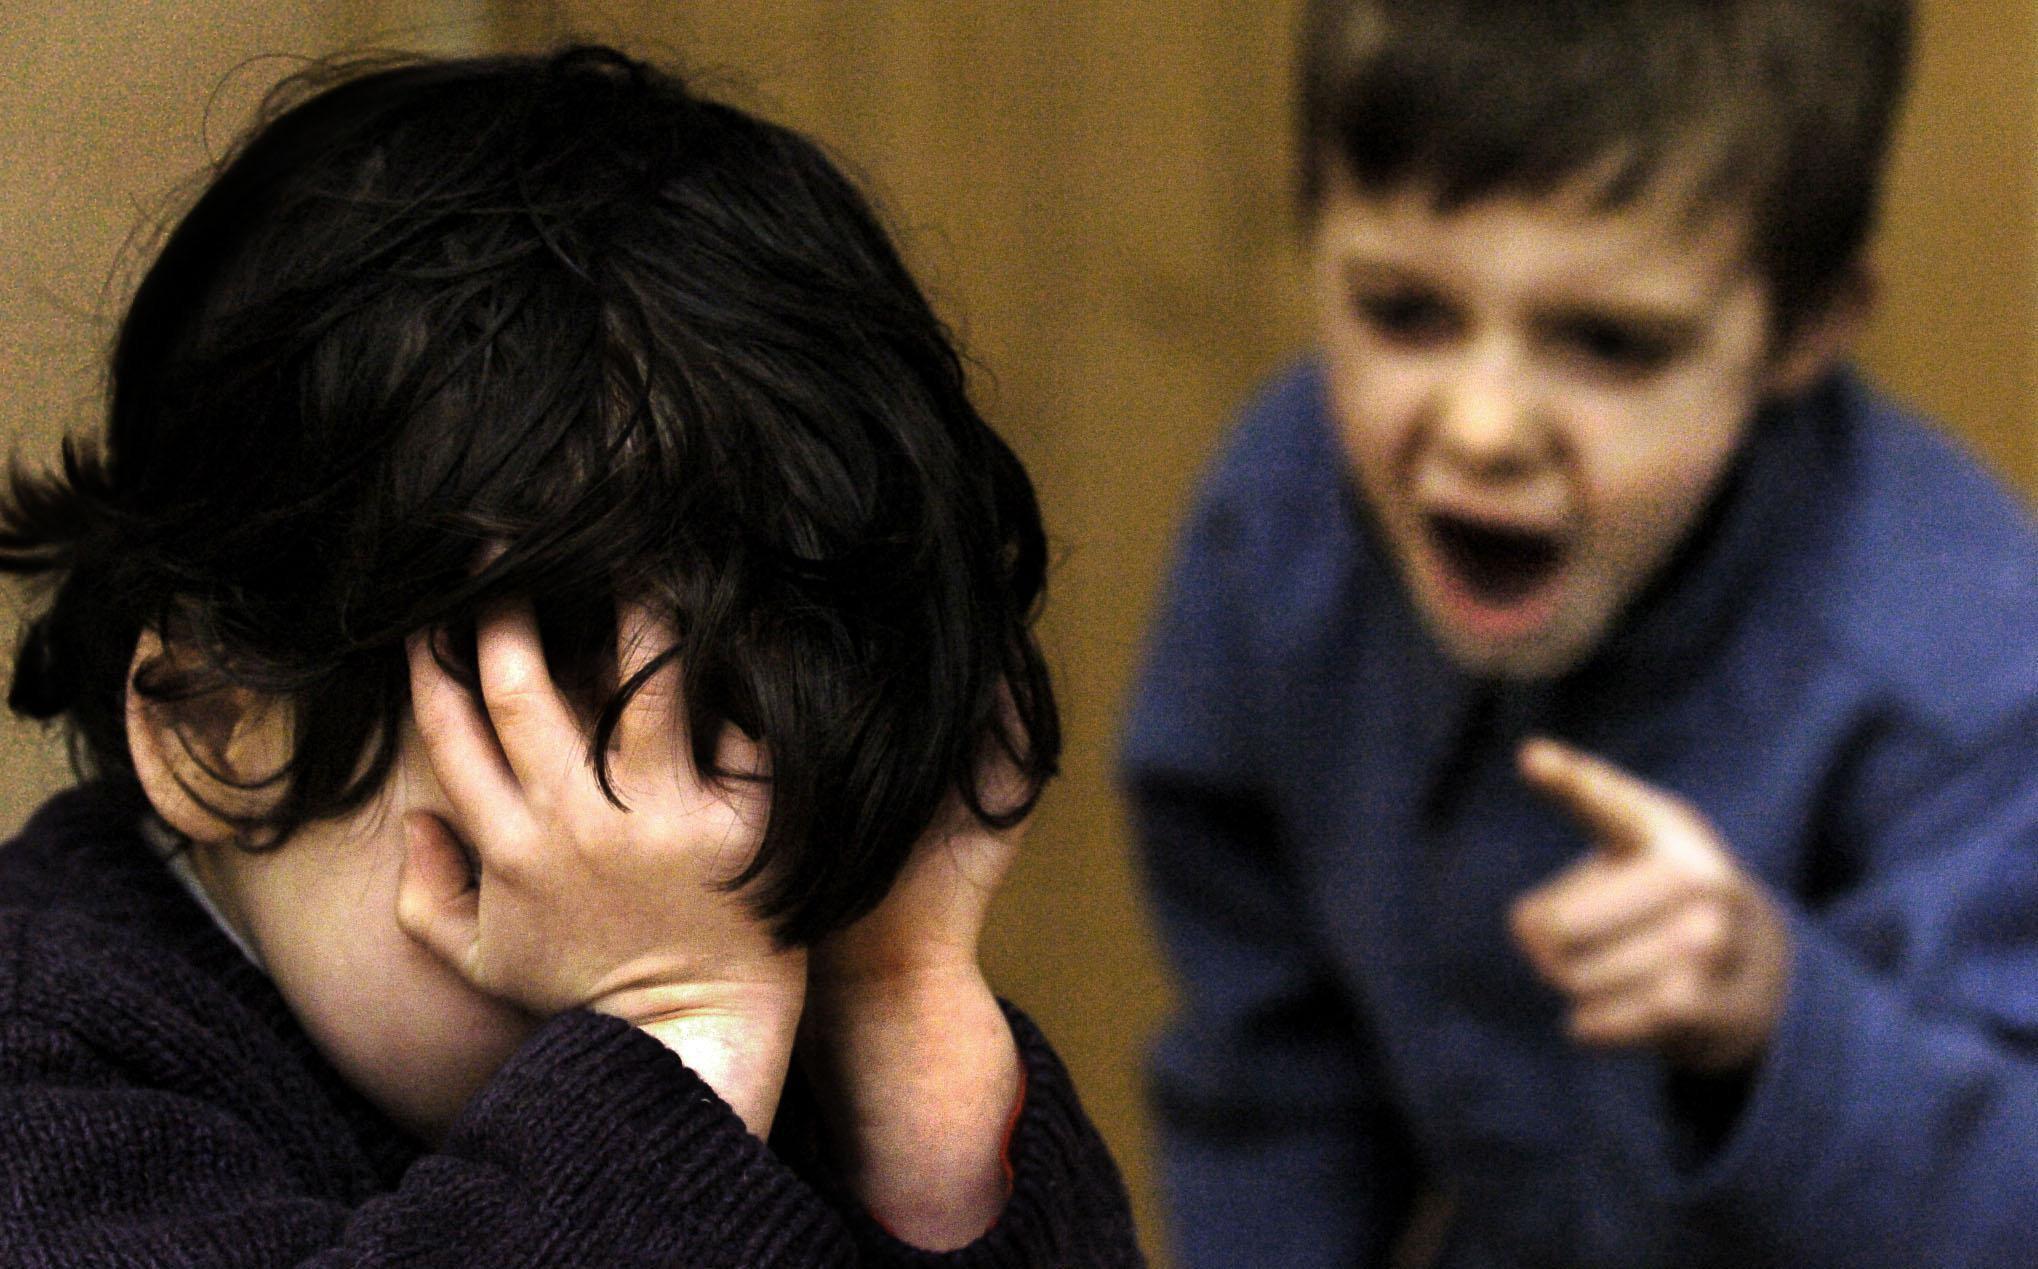 Come capire se mio figlio è un bullo: la guida per i genitori da Telefono Azzurro